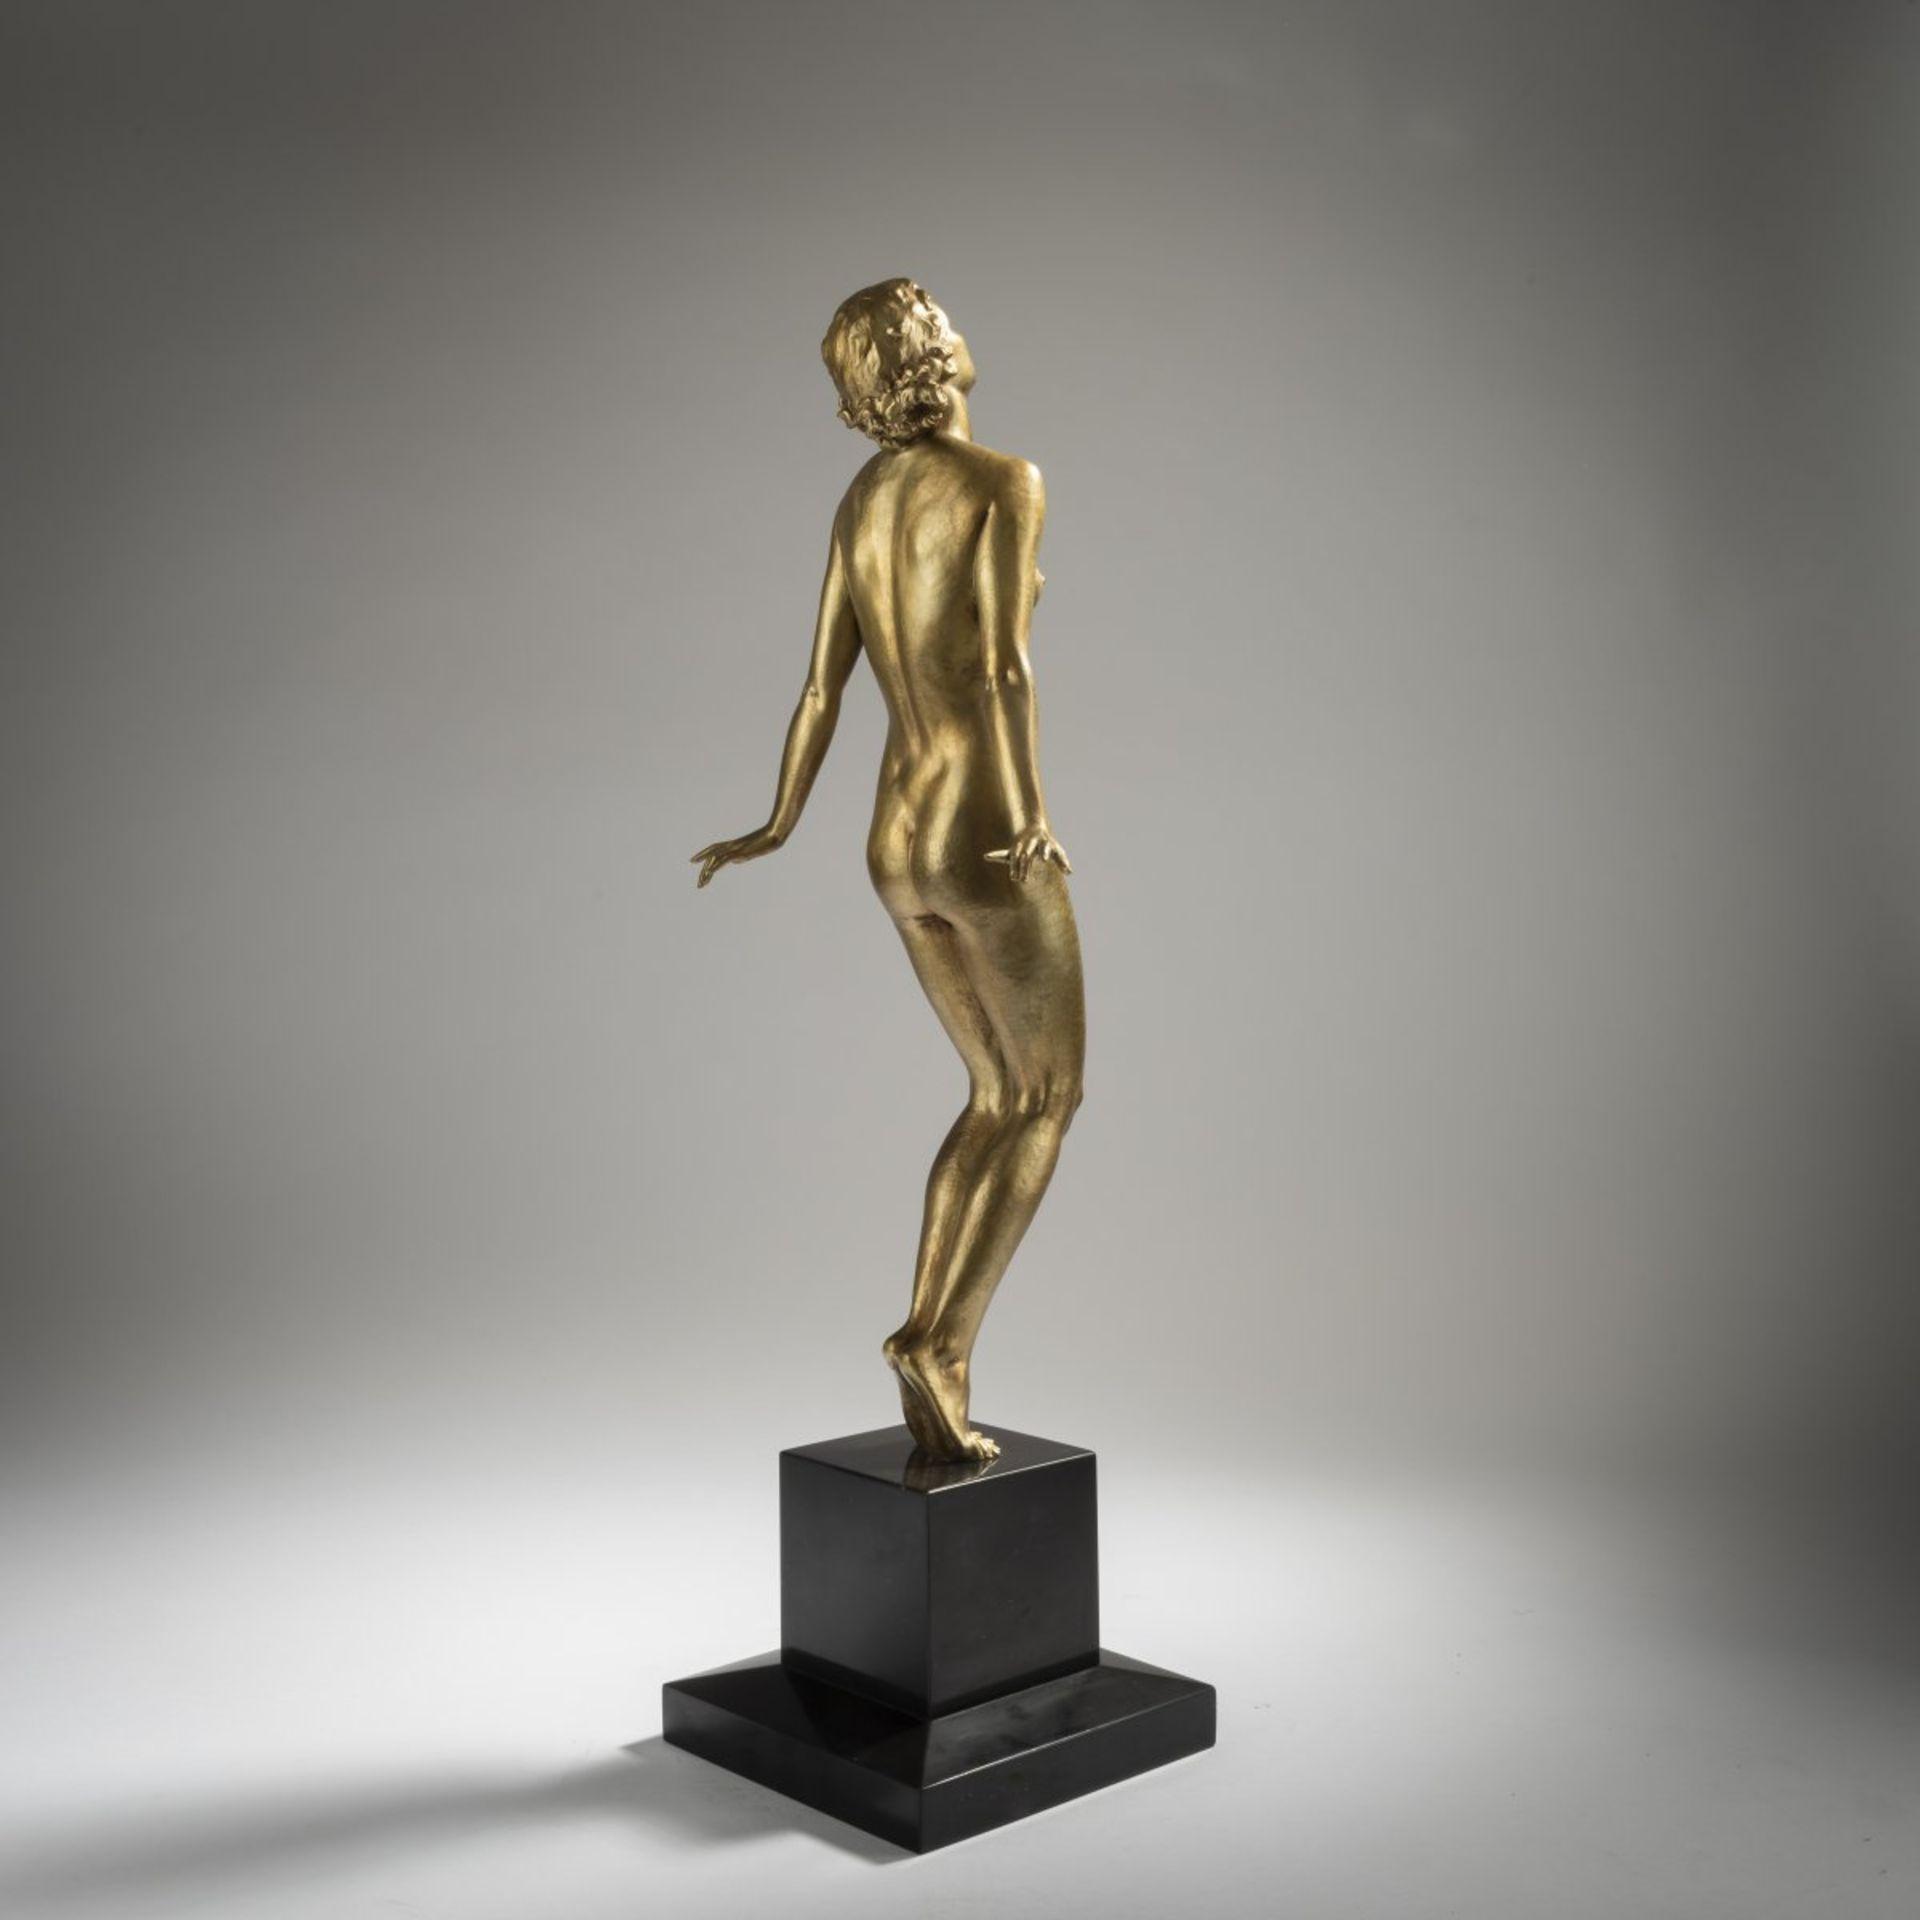 Ferdinand Preiss, 'Frühlingssonne', nach 1940 - Bild 10 aus 12